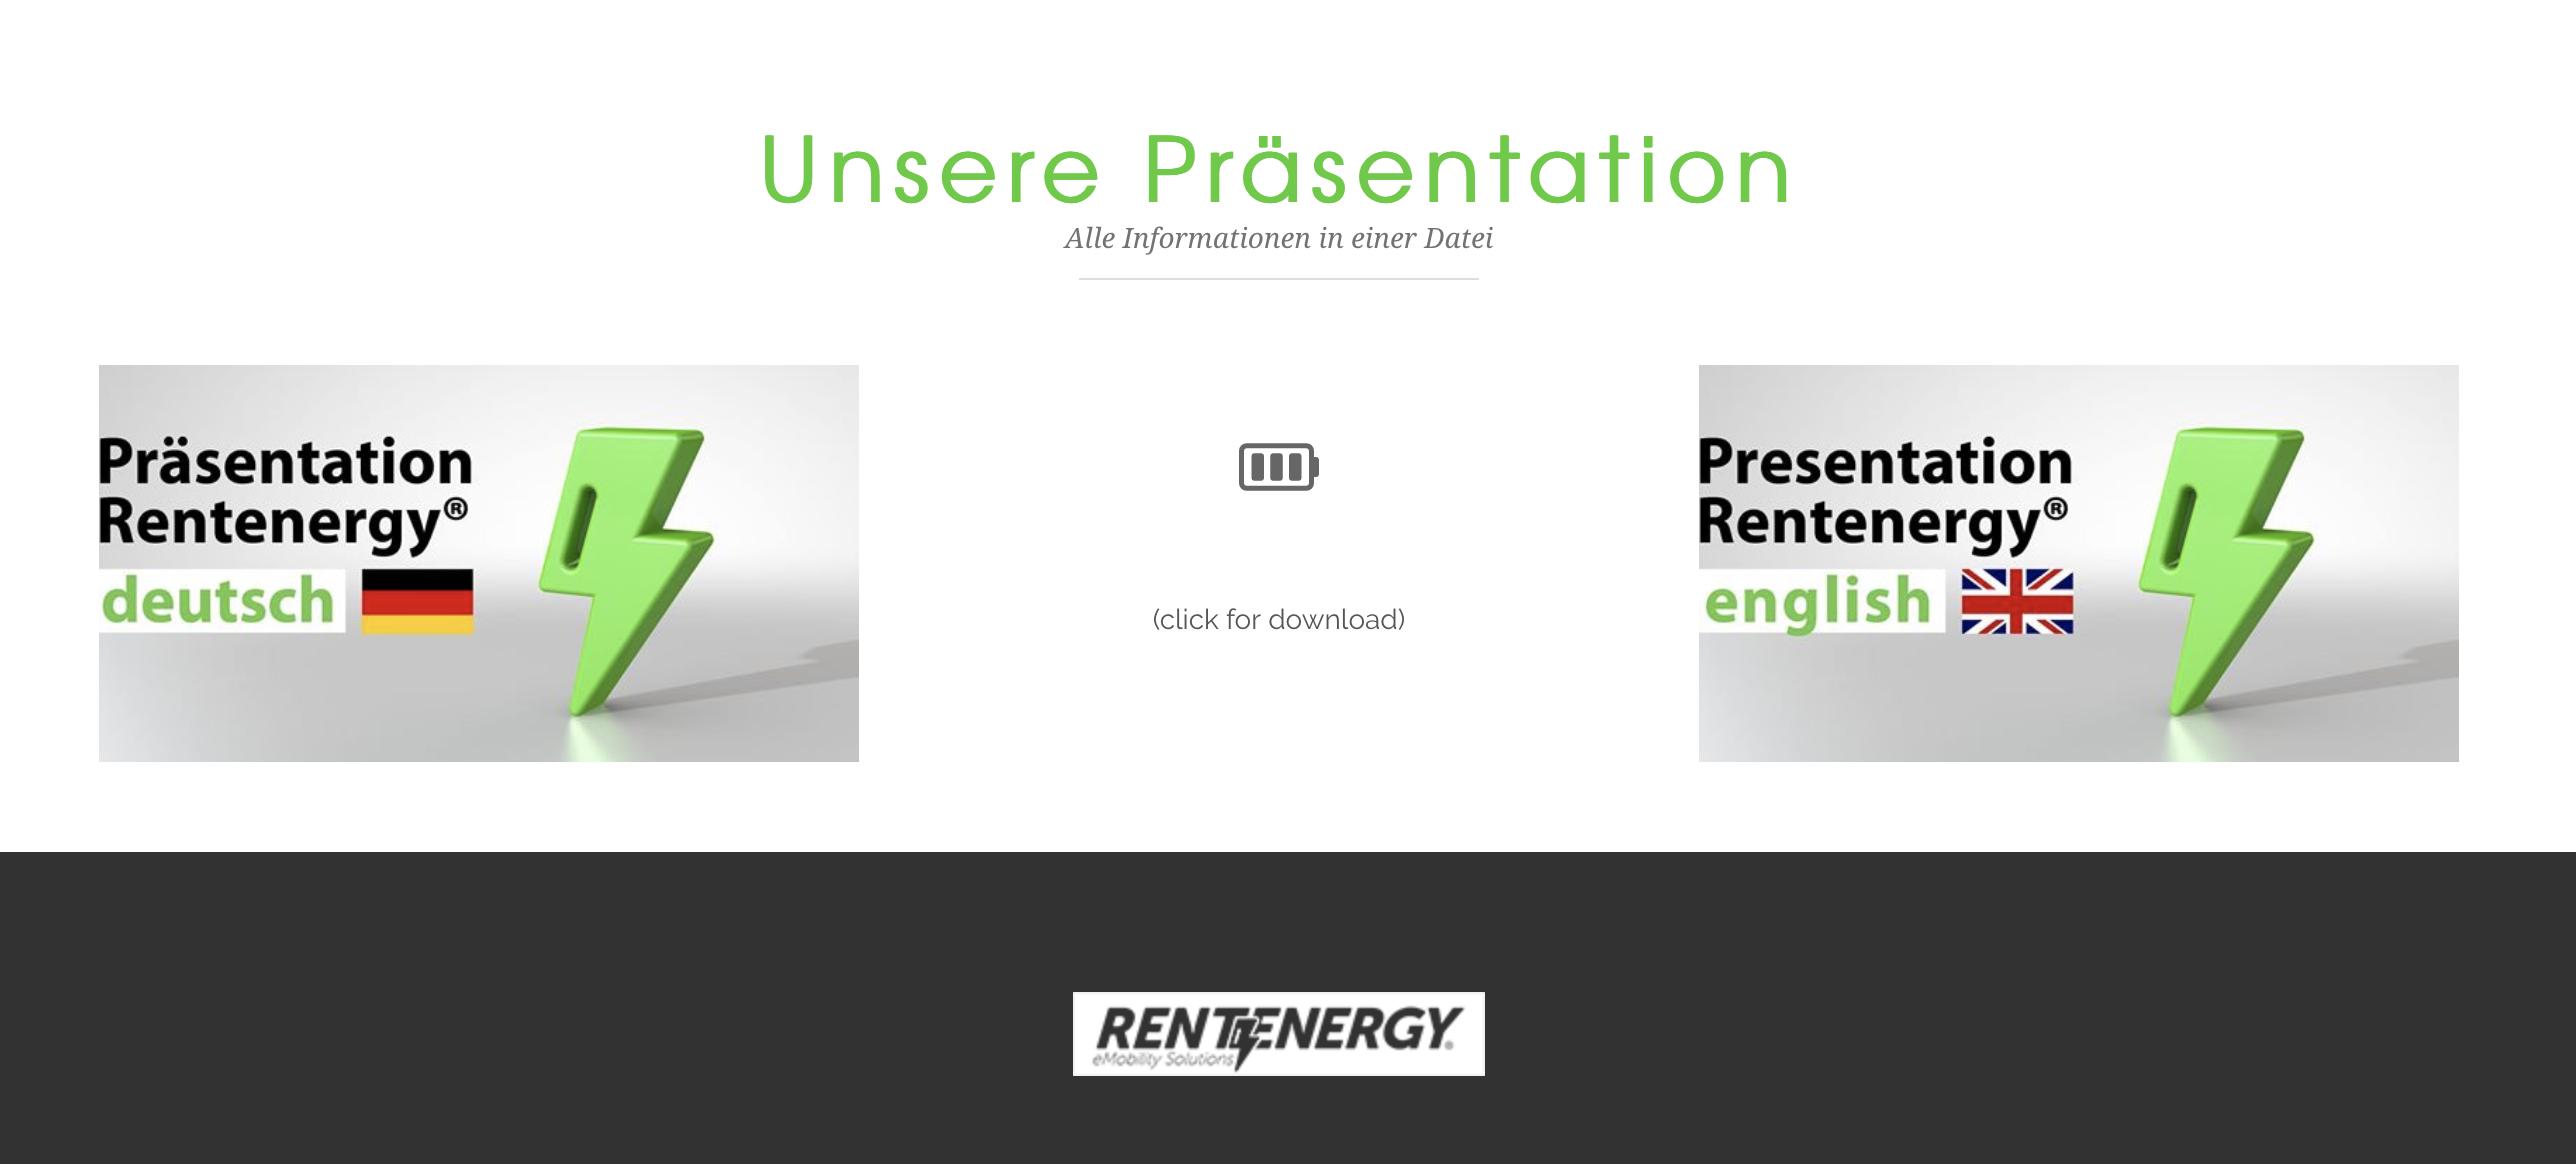 Rentenergy kompakt auf den Punkt gebracht – Aktualisierung unserer Präsentation